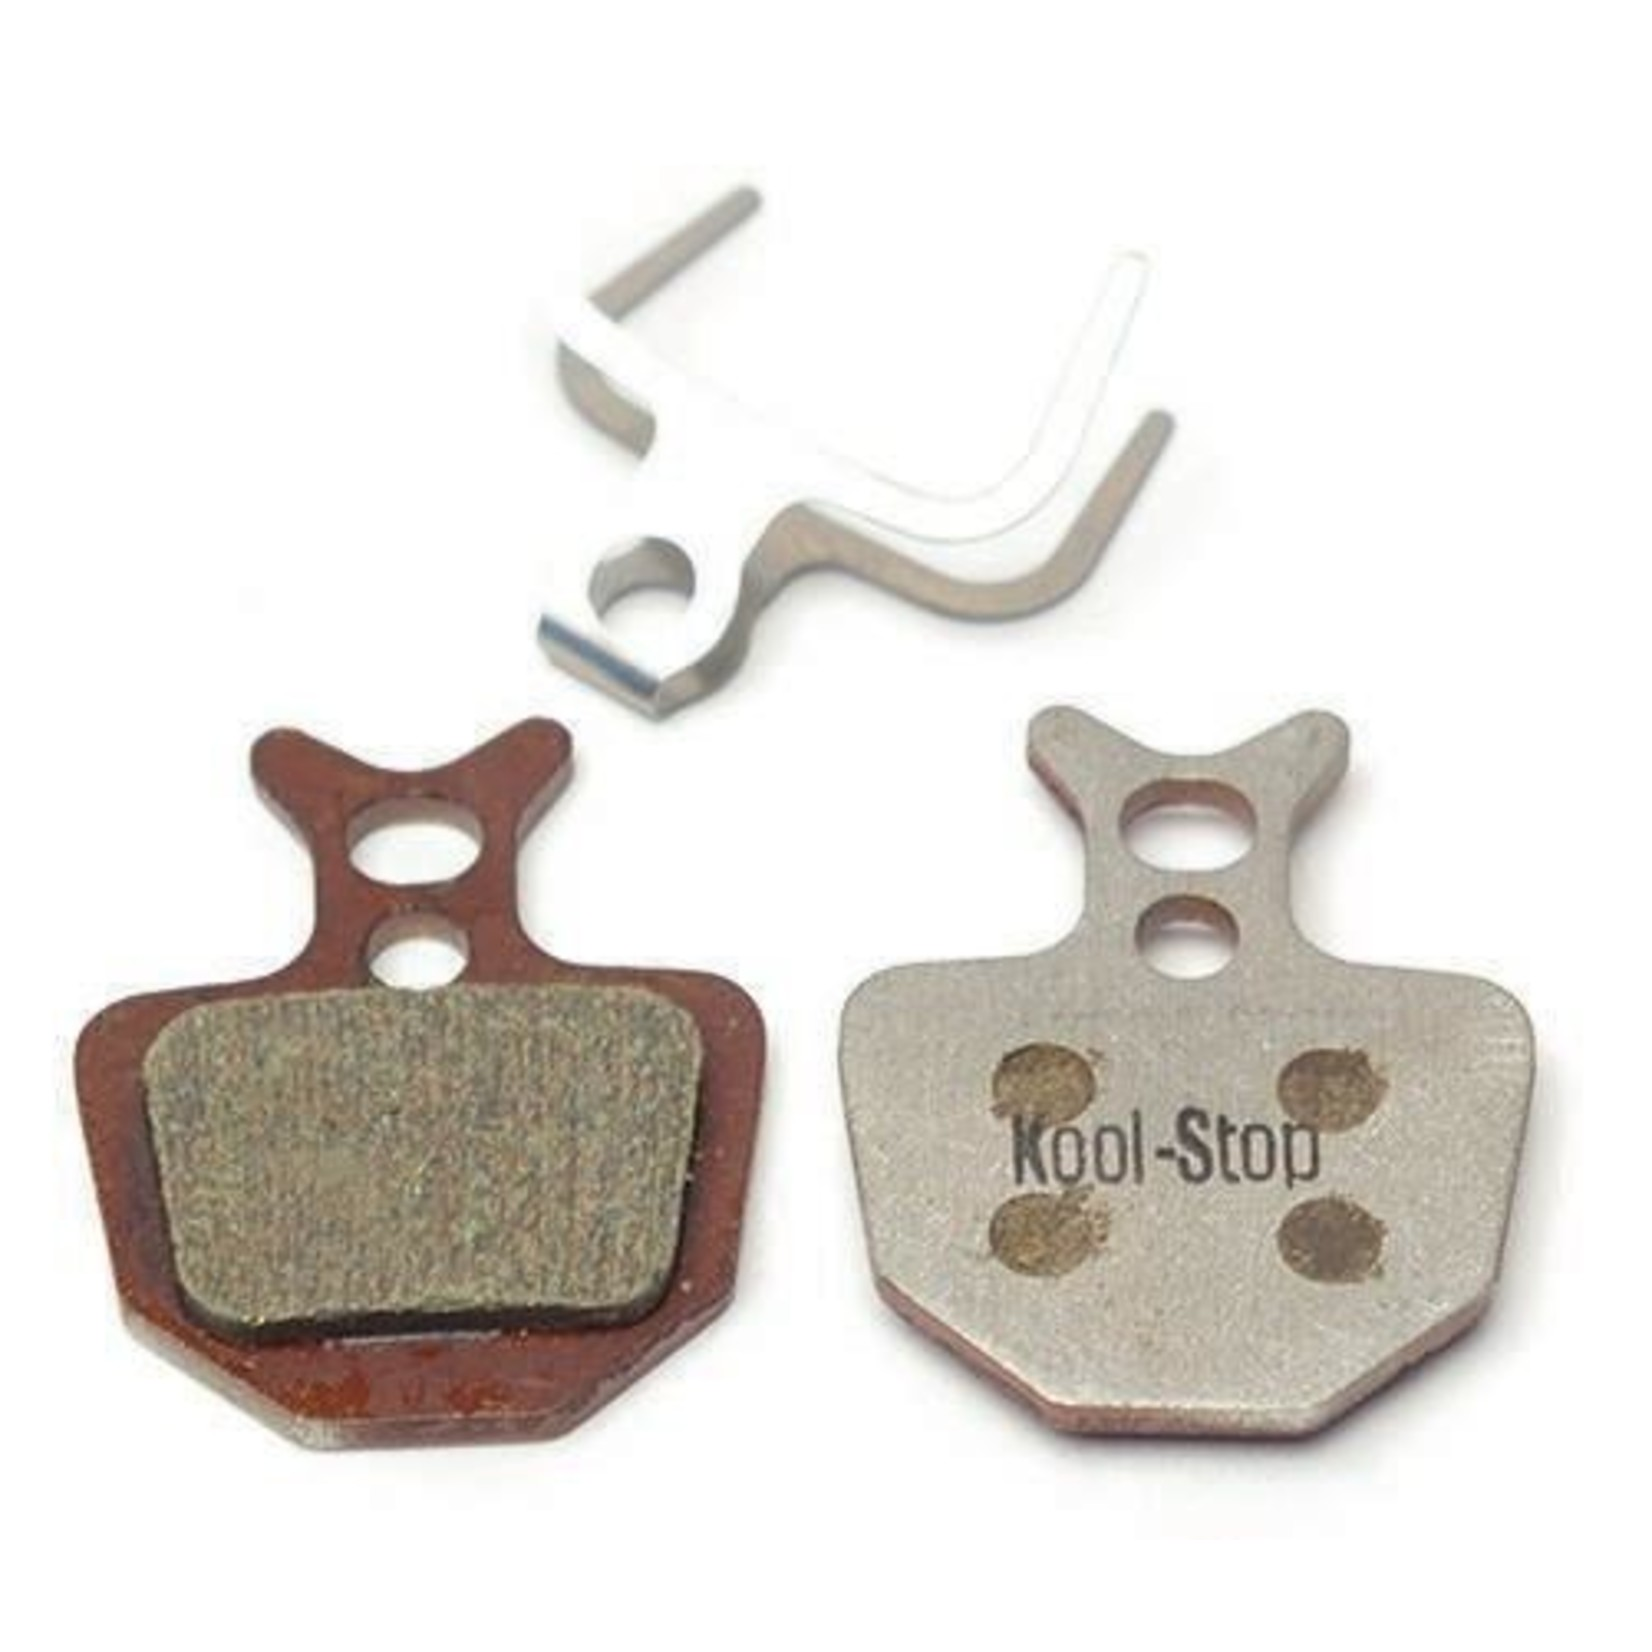 Kool-Stop Formula ORO Aluminum Plate Disc Brake Pads